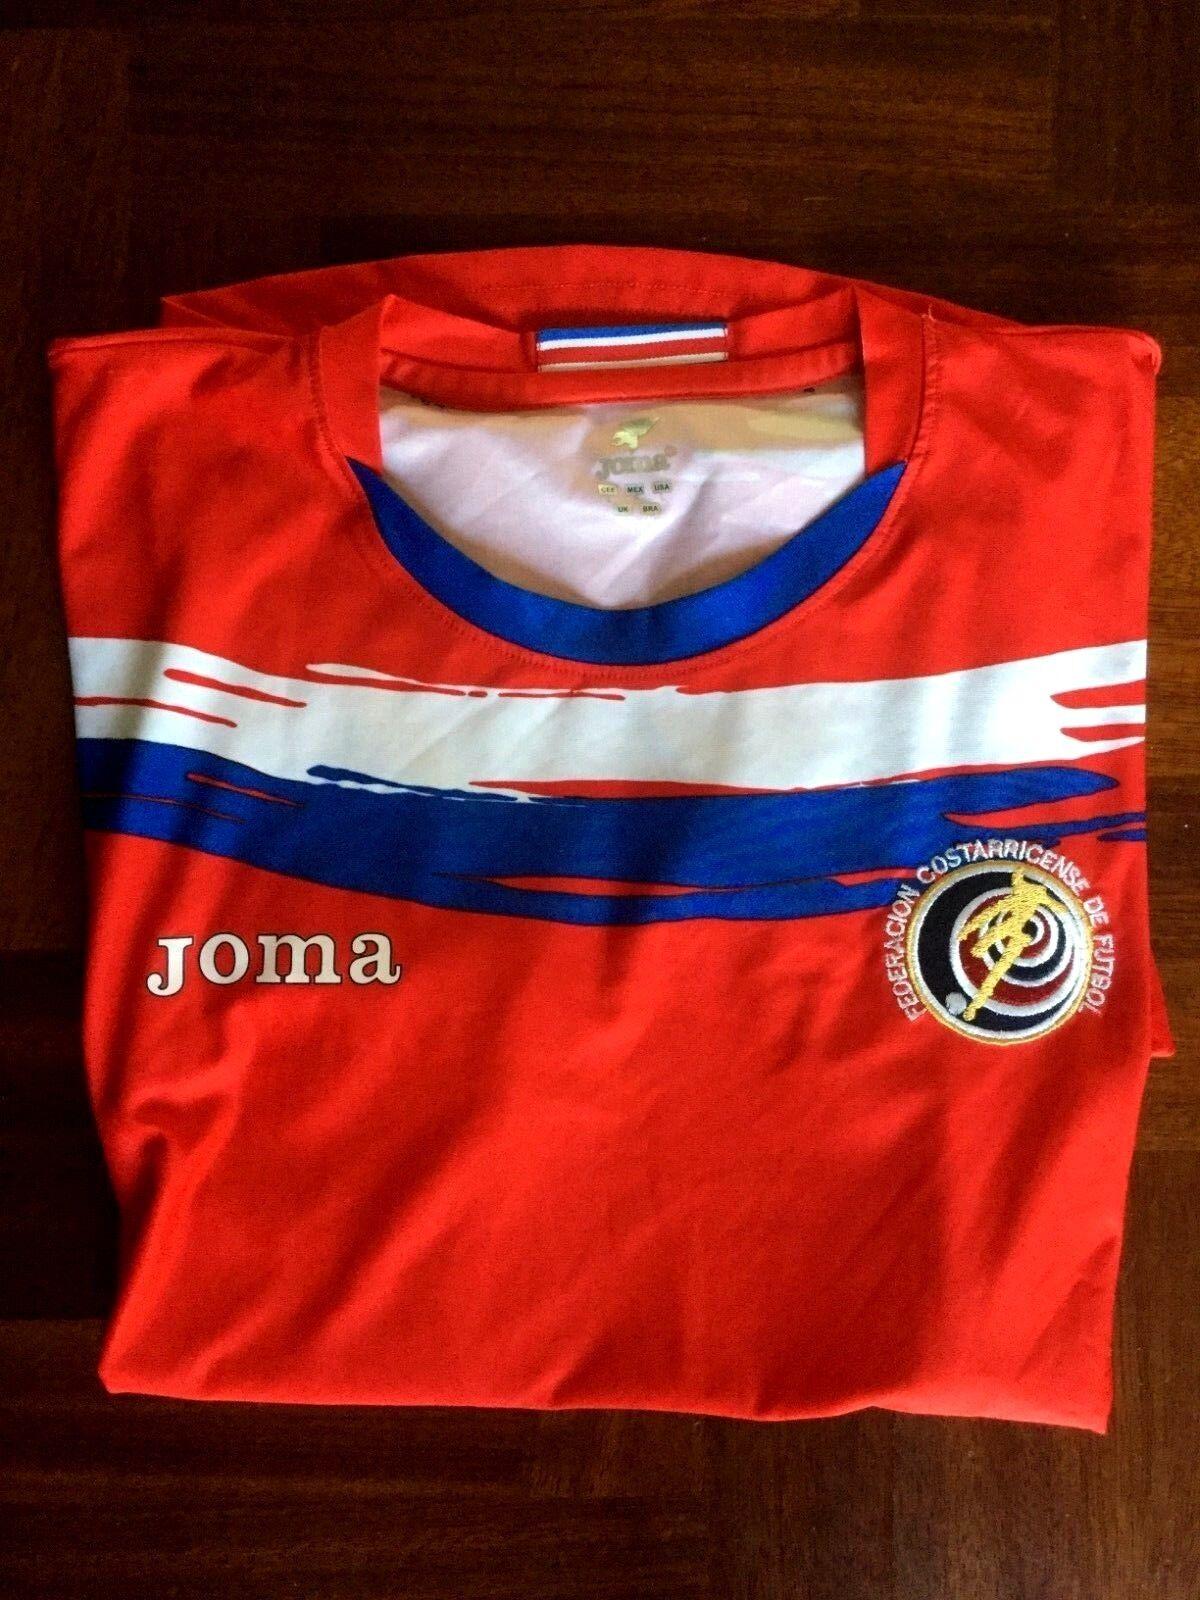 MAGLIA CALCIO JOMA COSTA RICA HOME 2006-2007 FOOTBALL SHIRT JERSEY